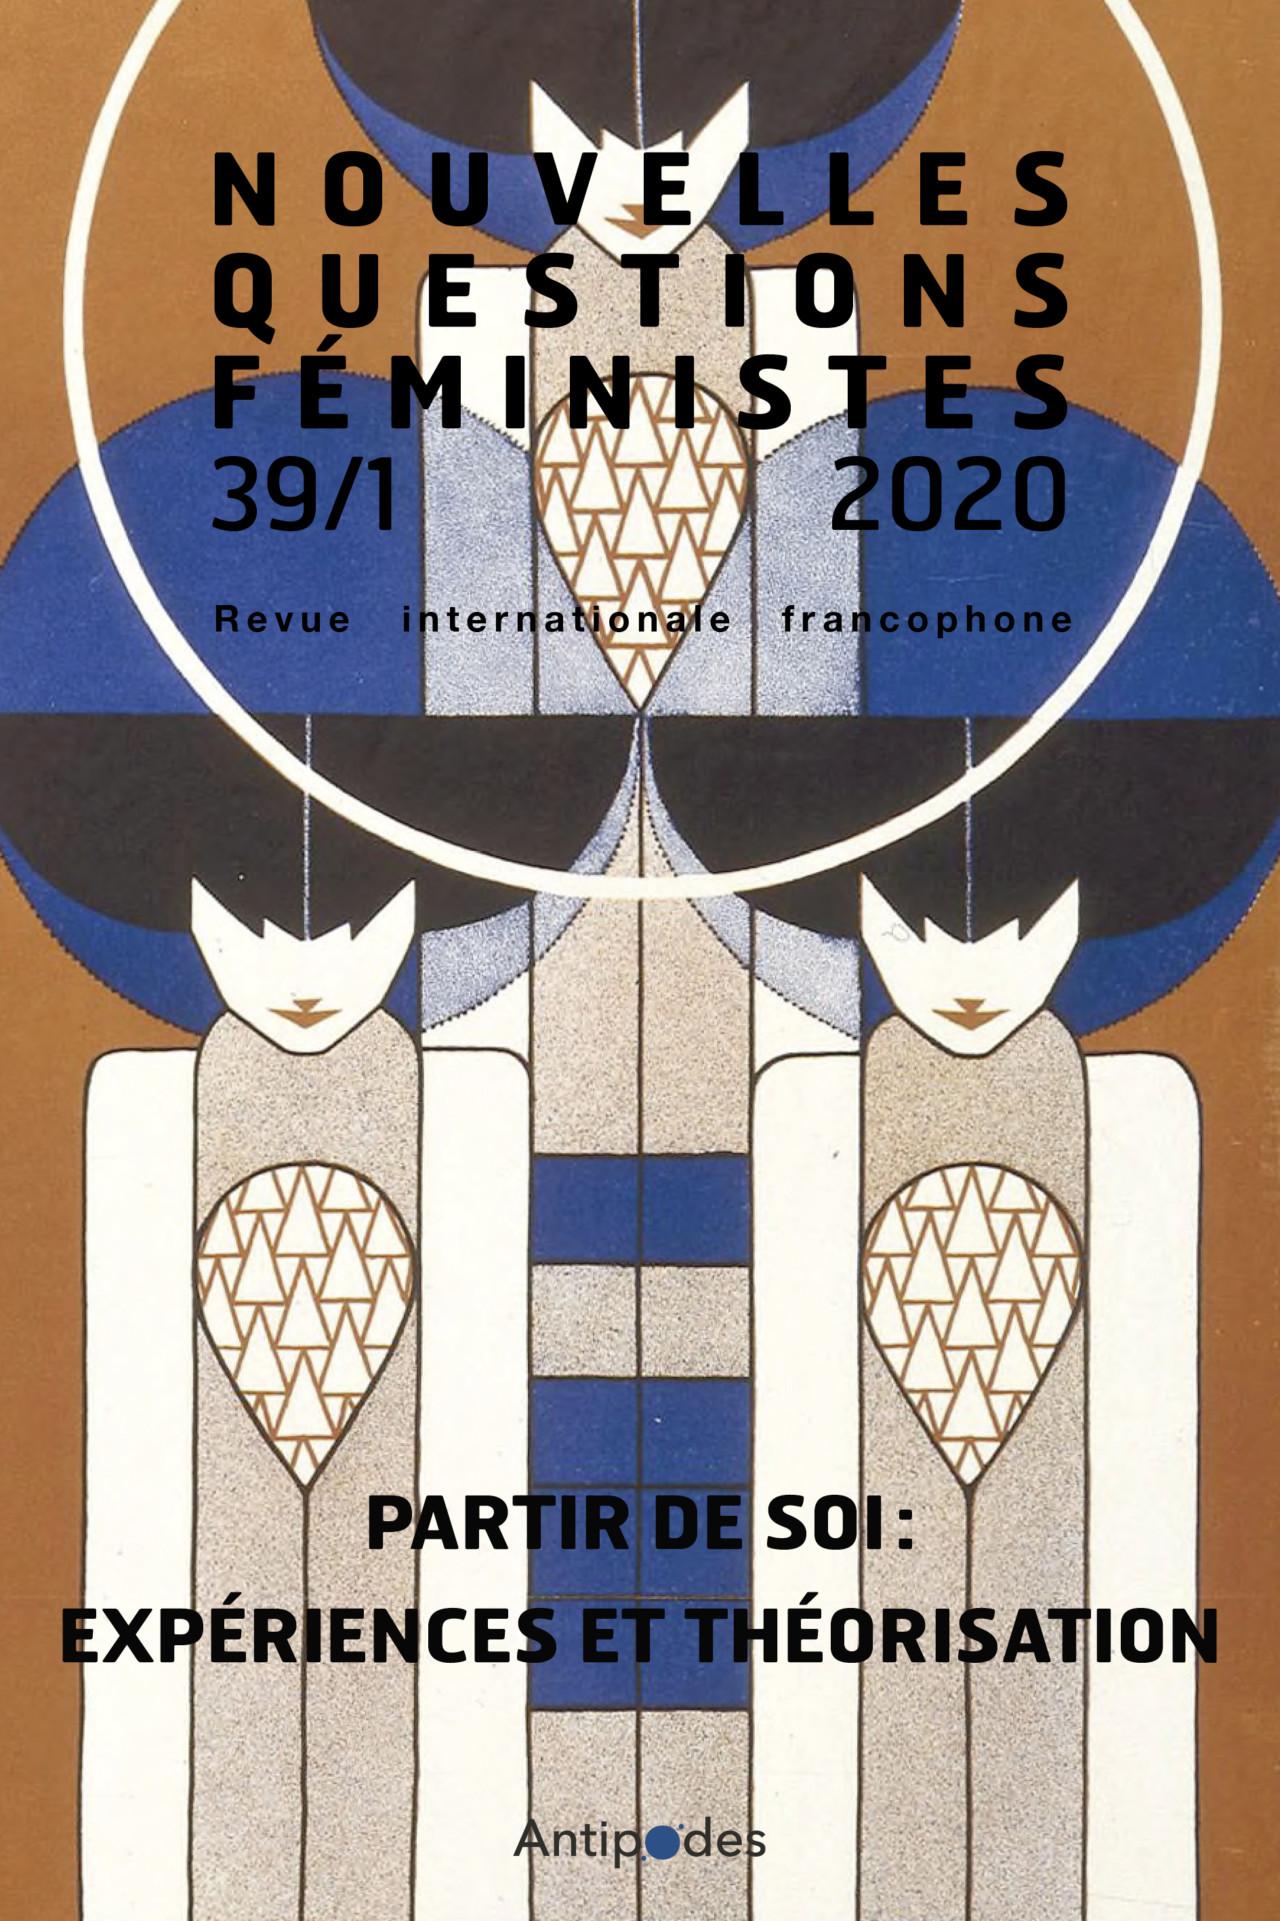 Nouvelles questions feministes Partir de soi